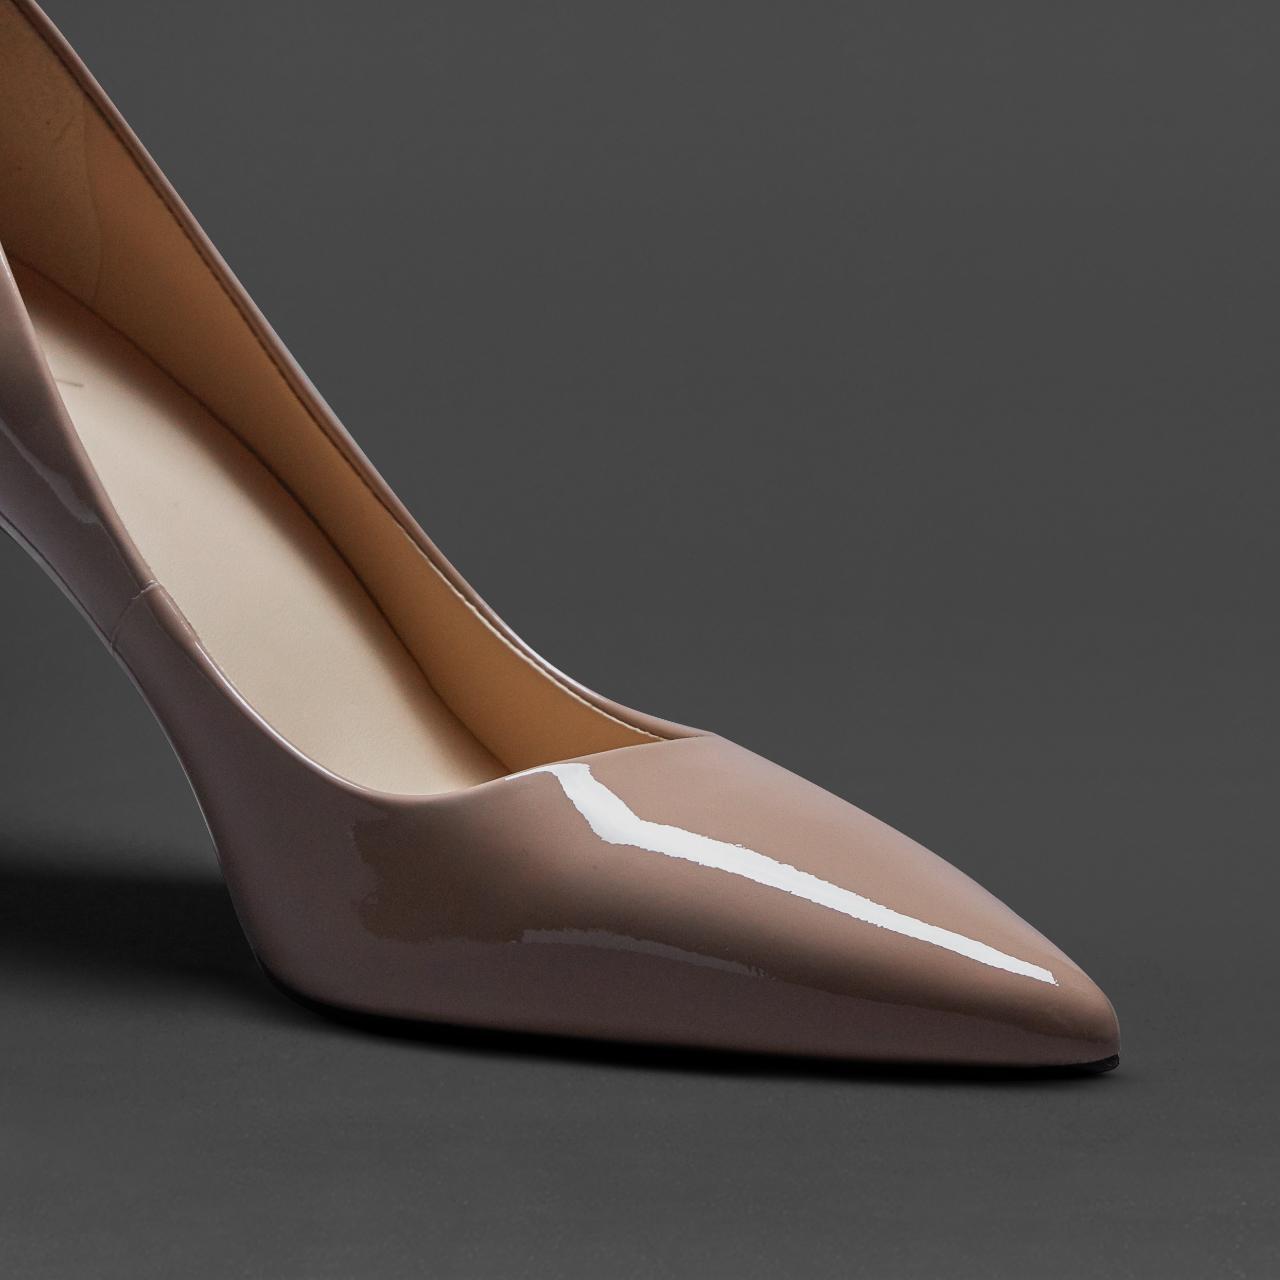 烫社交女鞋杏裸色漆皮细高跟鞋尖头百搭职业cl工作鞋气质性感单鞋